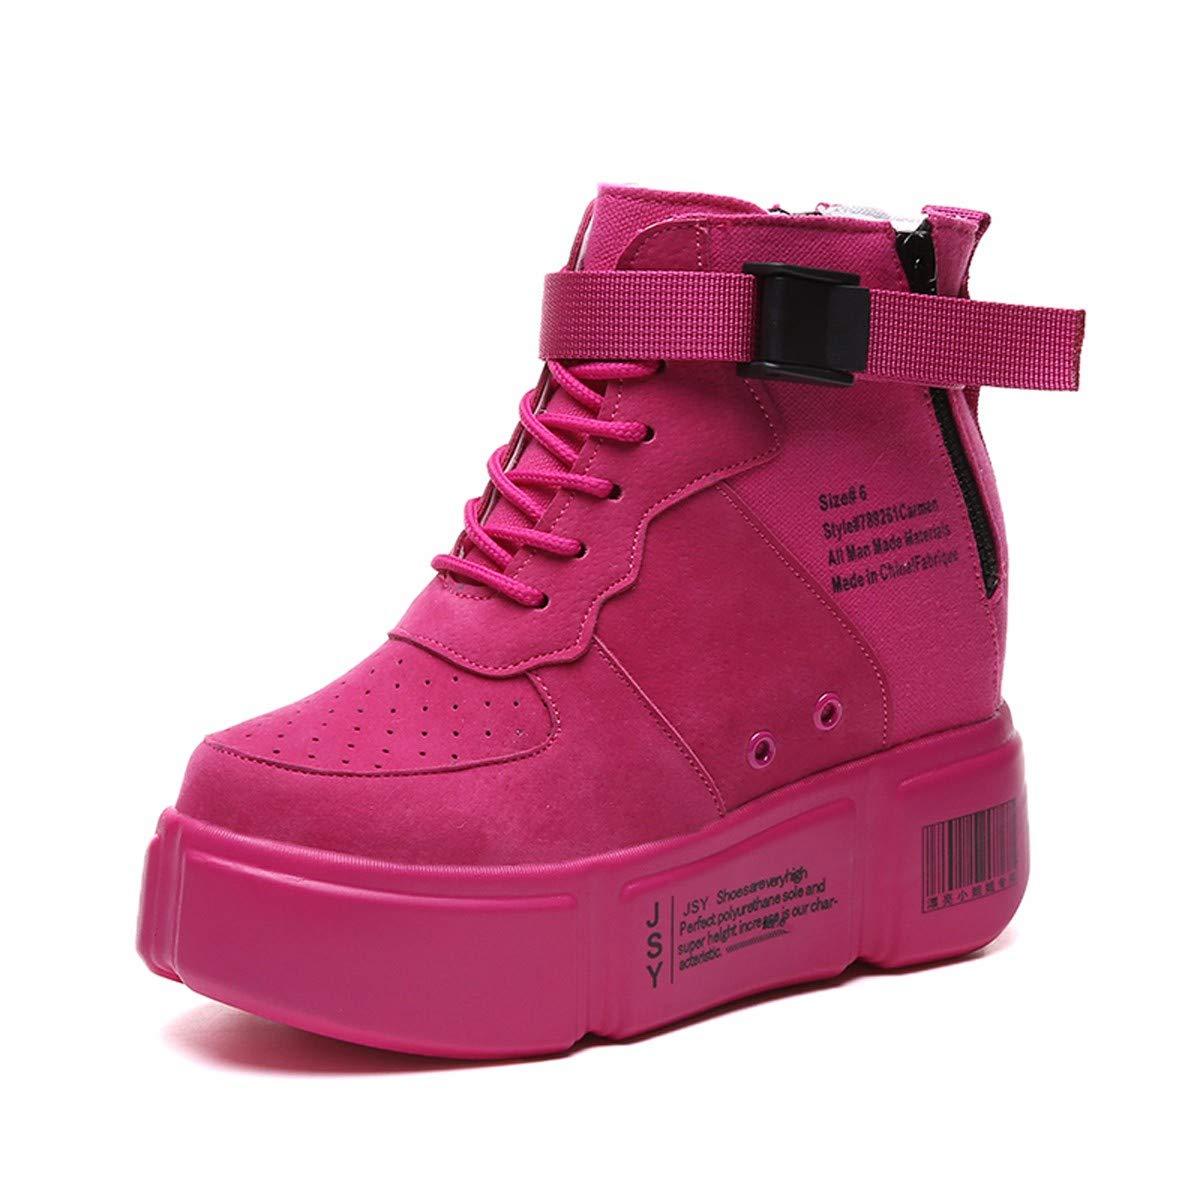 KPHY Damenschuhe Hohe Schuhe Damenschuhe Innen Verschärfen 10Cm Herbst Hip - Hop - Dicke Hintern Student Casual Schuhen.